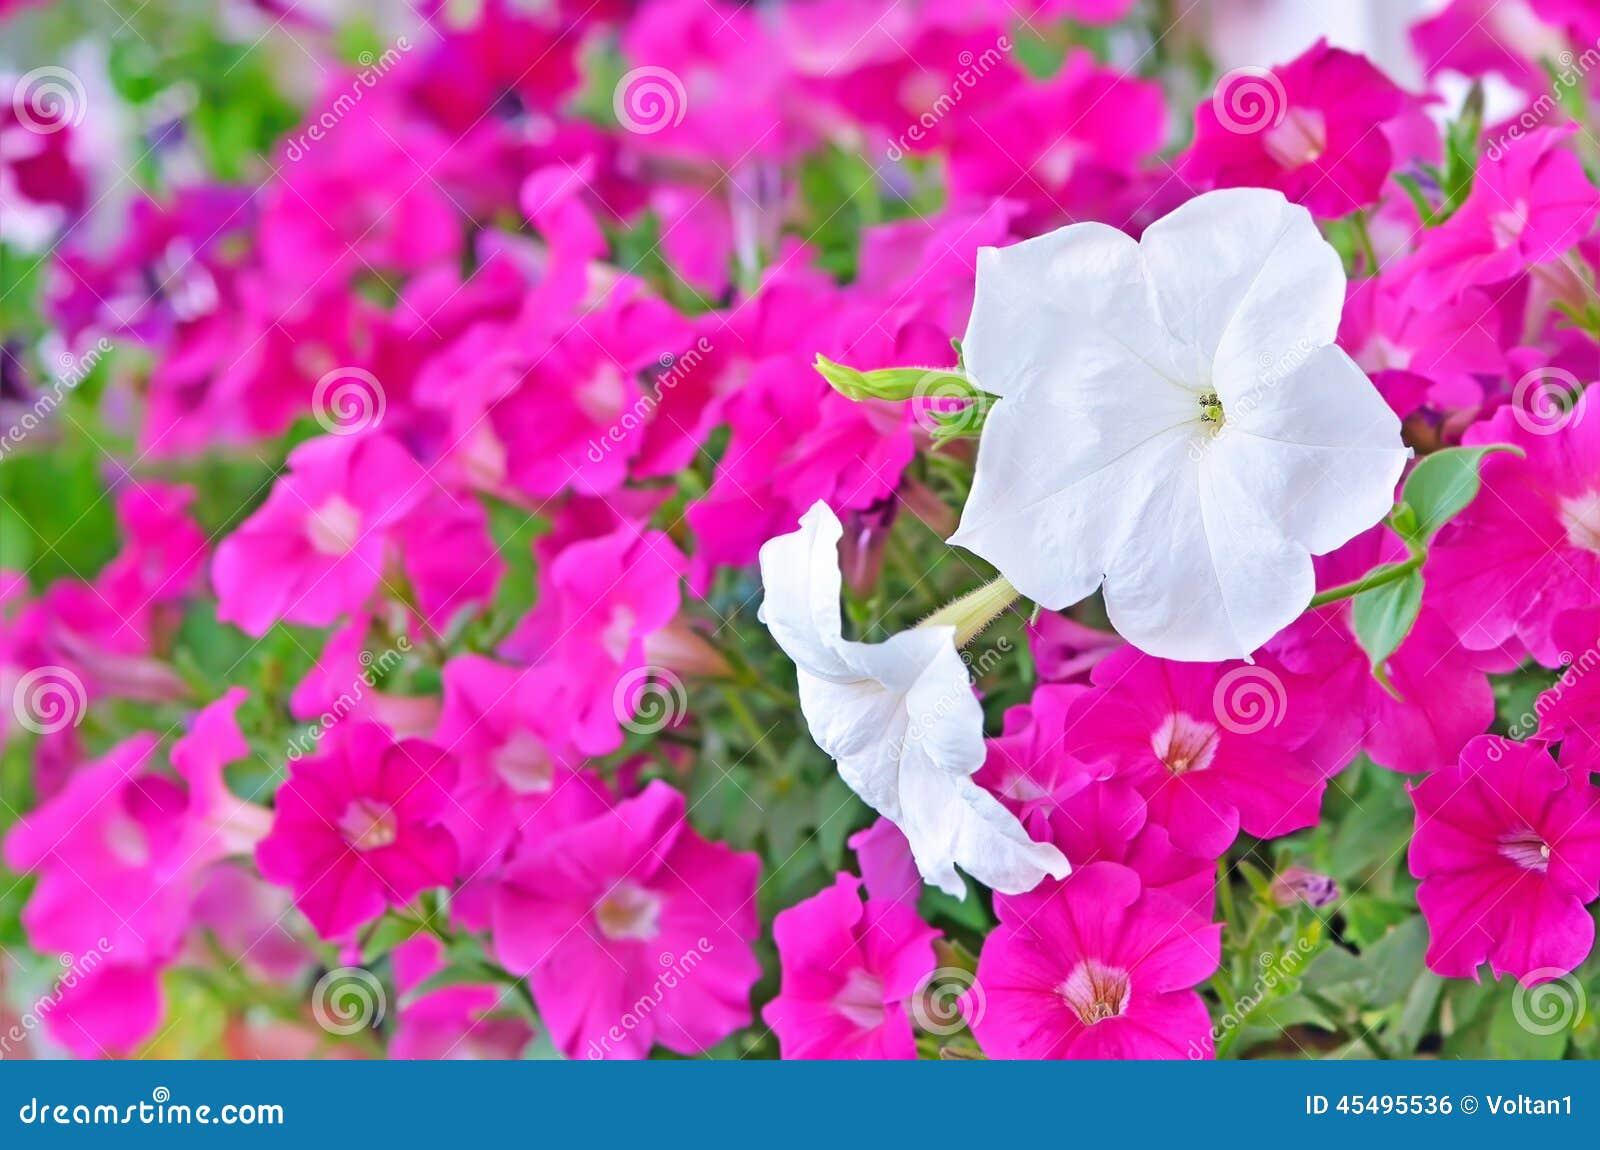 桃红色和白色喇叭花花